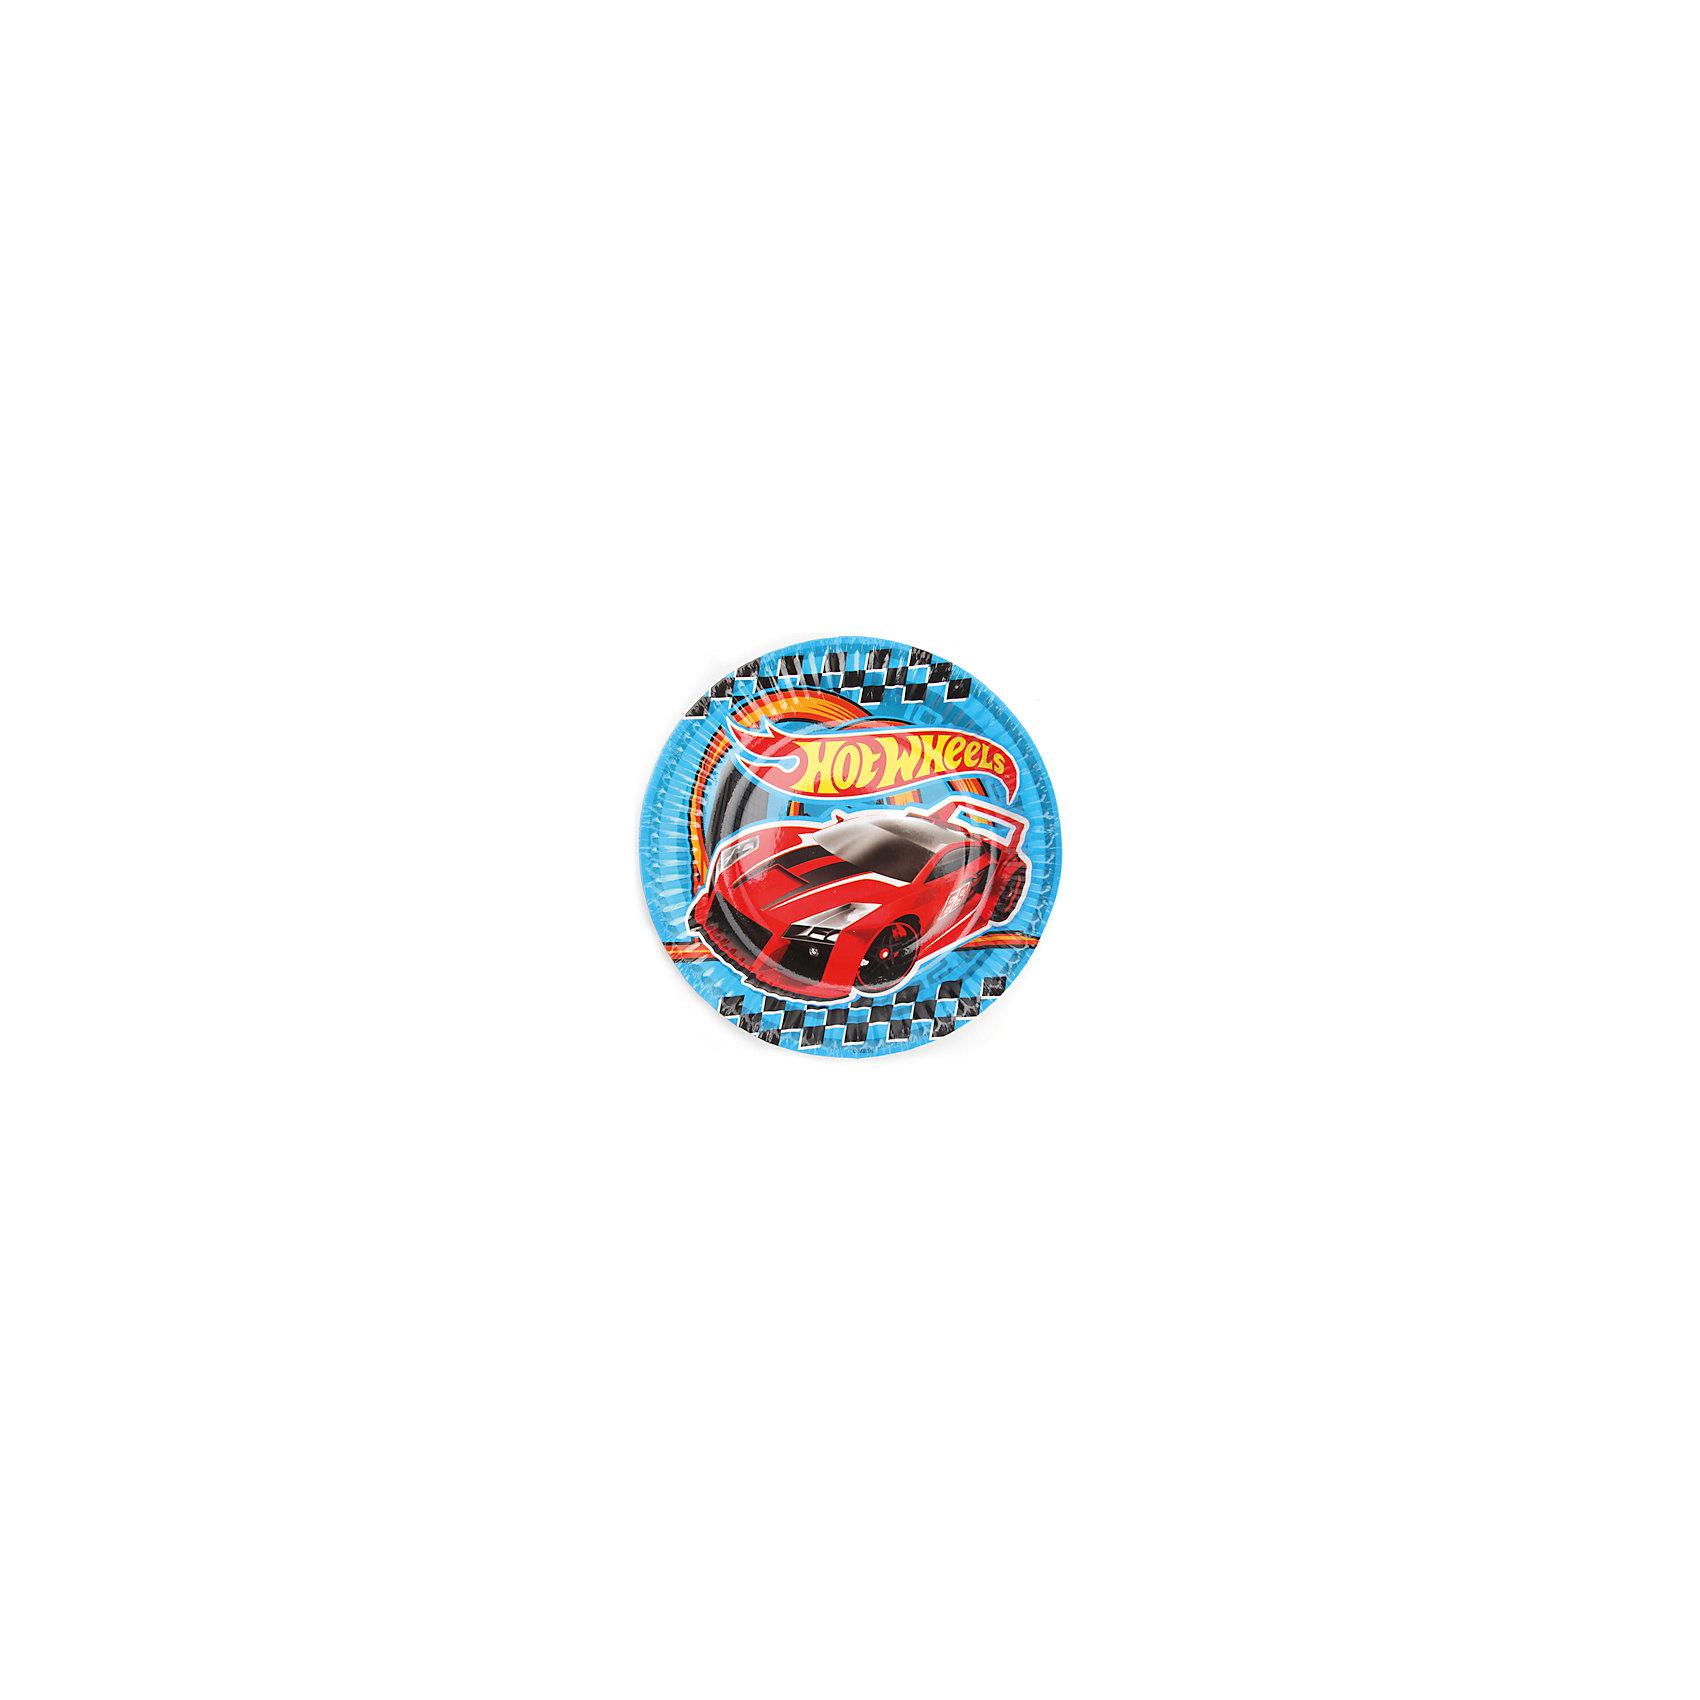 Набор из 6-и тарелок, Hot WheelsВ красивой посуде и еда кажется вкусней. По крайней мере, так думают дети. Им нравятся стильные и яркие вещи, даже если это просто посуда. Одноразовые бумажные тарелки Hot Wheels немного оживят праздничный стол и добавят в него свой колорит. <br><br>Дополнительная информация:<br><br>- Материал: плотный картон.<br>- Комплект: 6 шт.<br>- Диаметр: 18 см.<br>- Размер упаковки: 20х26х2 см.<br>- Вес в упаковке: 70 г.<br><br>Купить набор из 6-и тарелок, Hot Wheels,  можно в нашем магазине.<br><br>Ширина мм: 20<br>Глубина мм: 26<br>Высота мм: 2<br>Вес г: 70<br>Возраст от месяцев: 12<br>Возраст до месяцев: 2147483647<br>Пол: Мужской<br>Возраст: Детский<br>SKU: 4797416